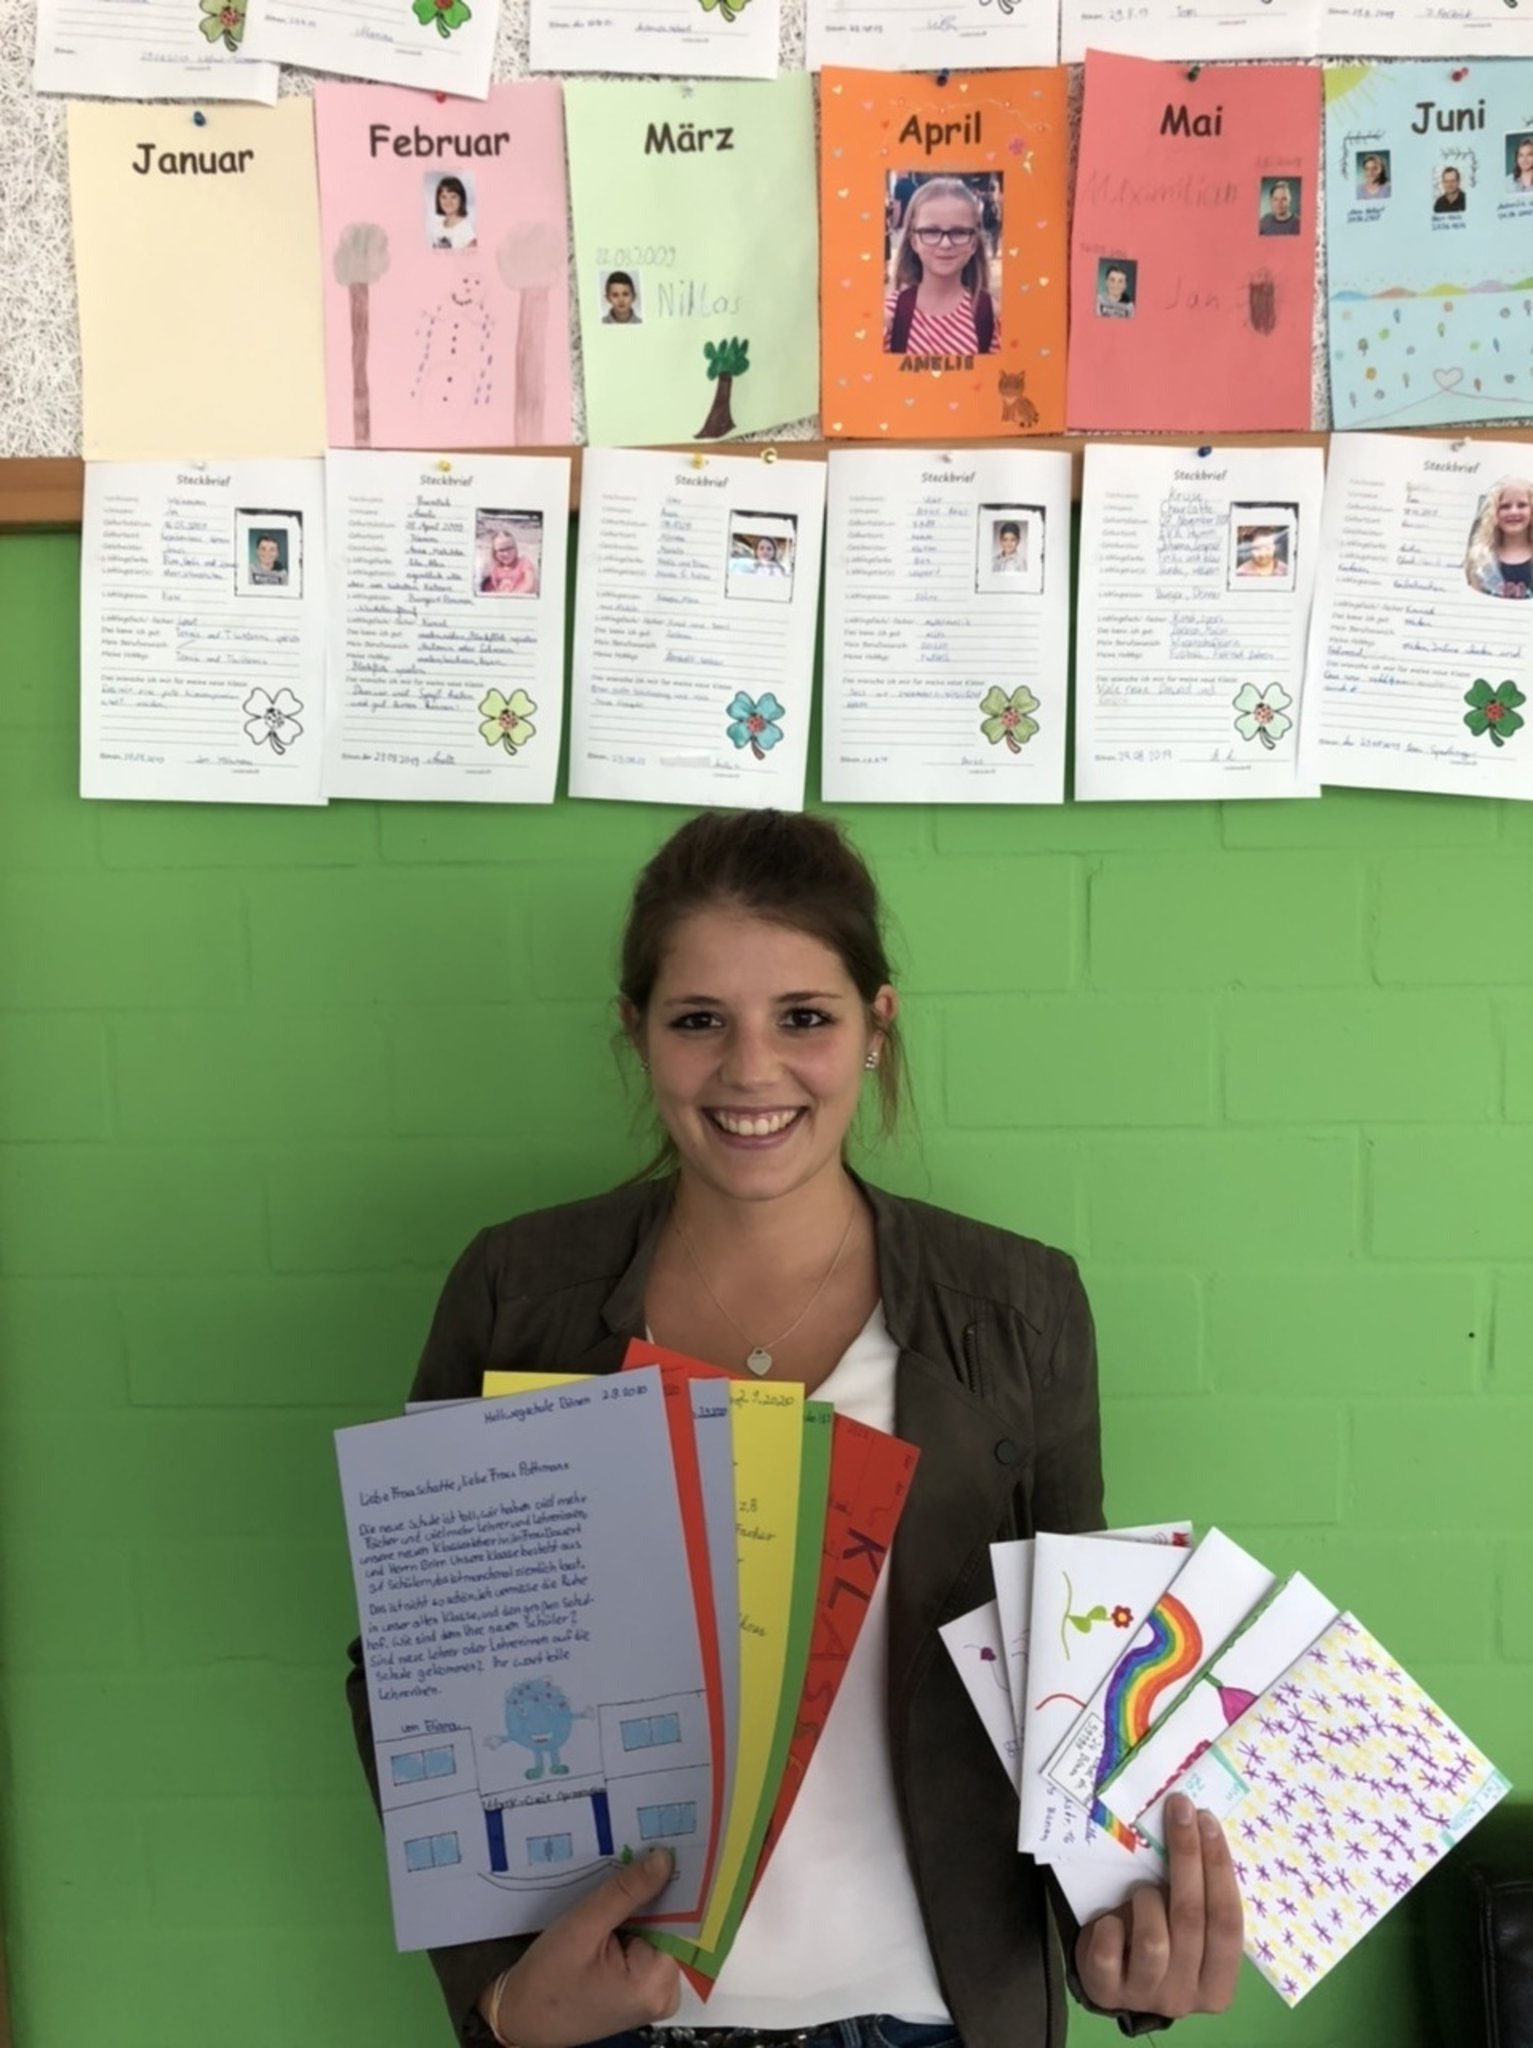 Ganz analog: Briefe an die Grundschule – Ein Briefprojekt am Marie-Curie-Gymnasium